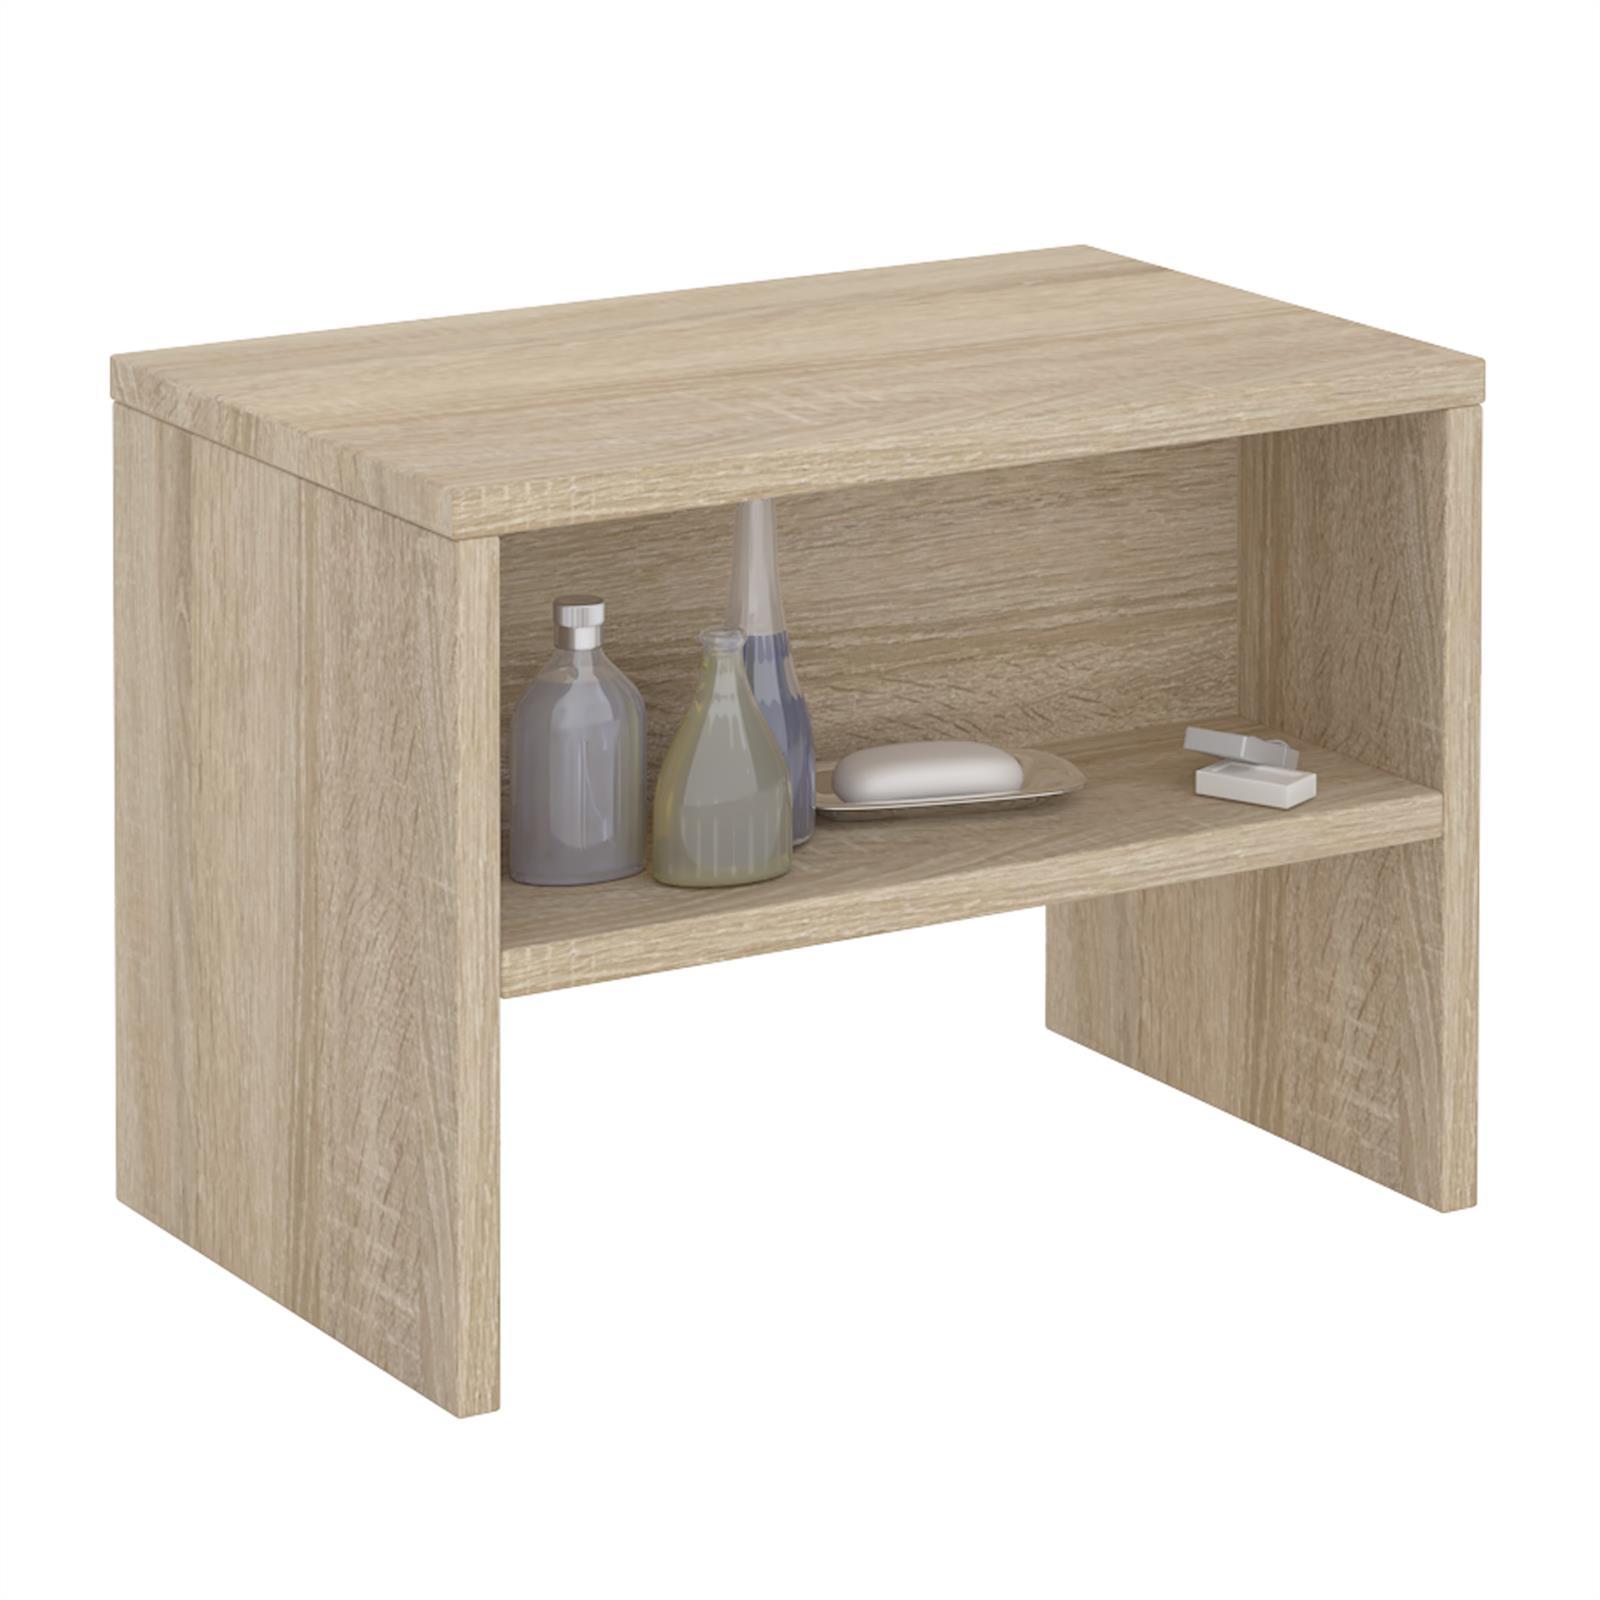 Table-de-chevet-table-de-nuit-casier-melamine-avec-1-niche